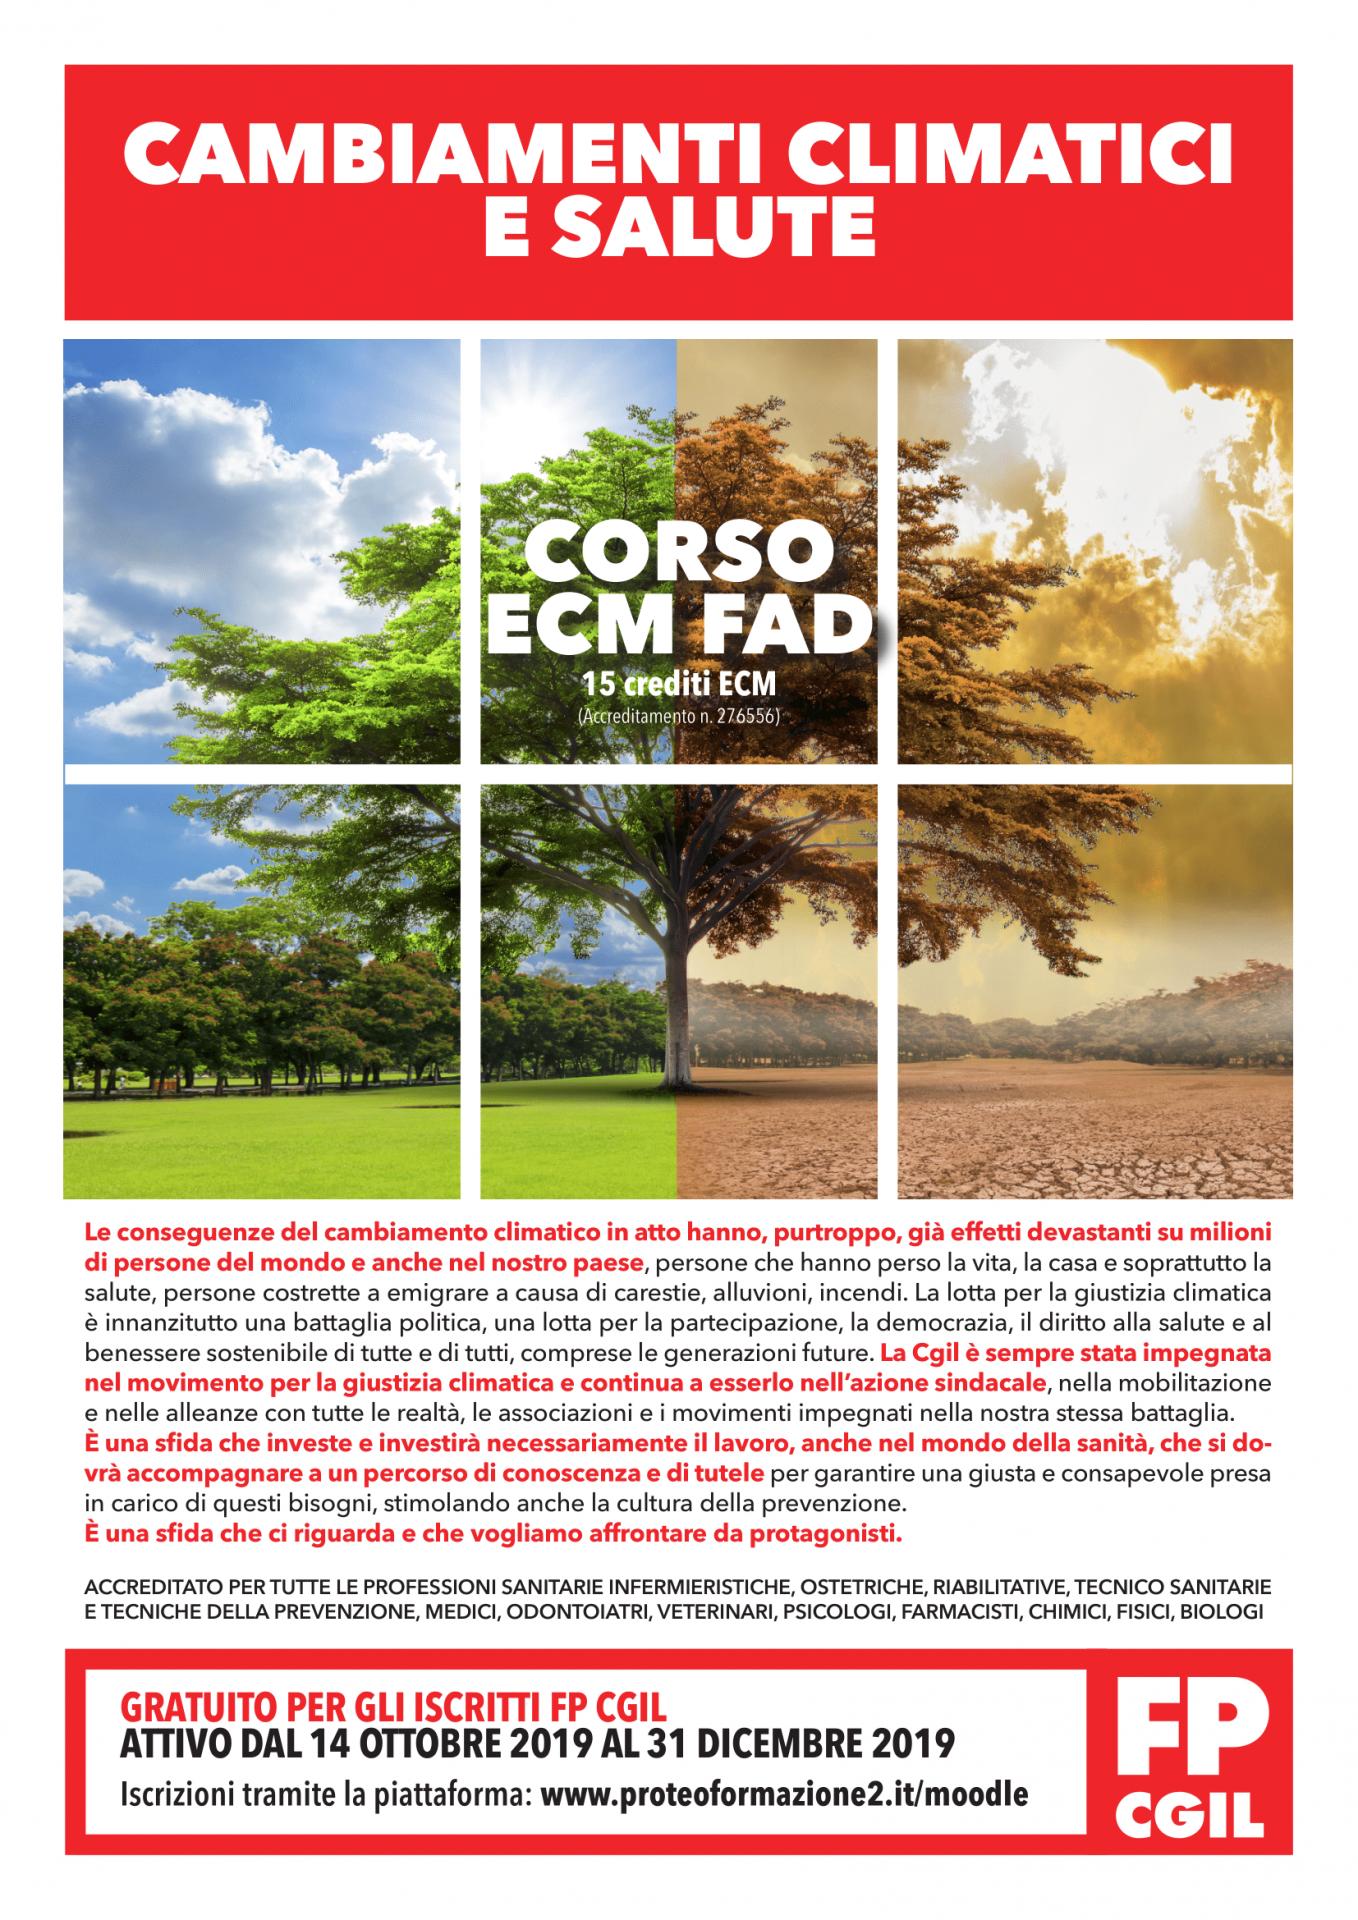 Cambiamenti Climatici E Salute Dal 14 Ottobre Online Nuovo Corso Ecm Fad Promosso Da Fp Cgil Fp Cgil Funzione Pubblica